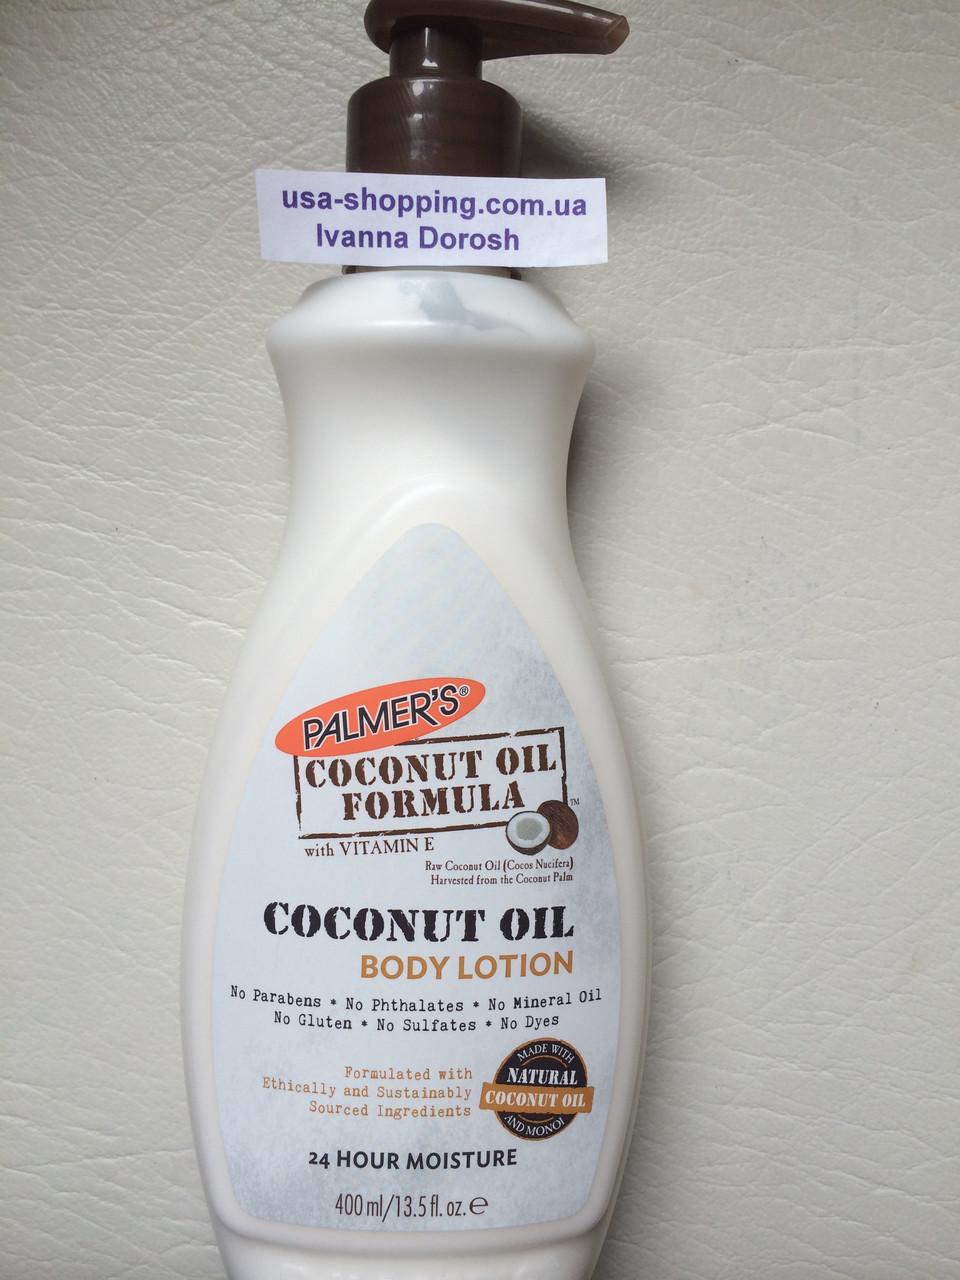 Увлажняющий лосьон для тела с маслом кокоса  Palmer´s Coconut Oil